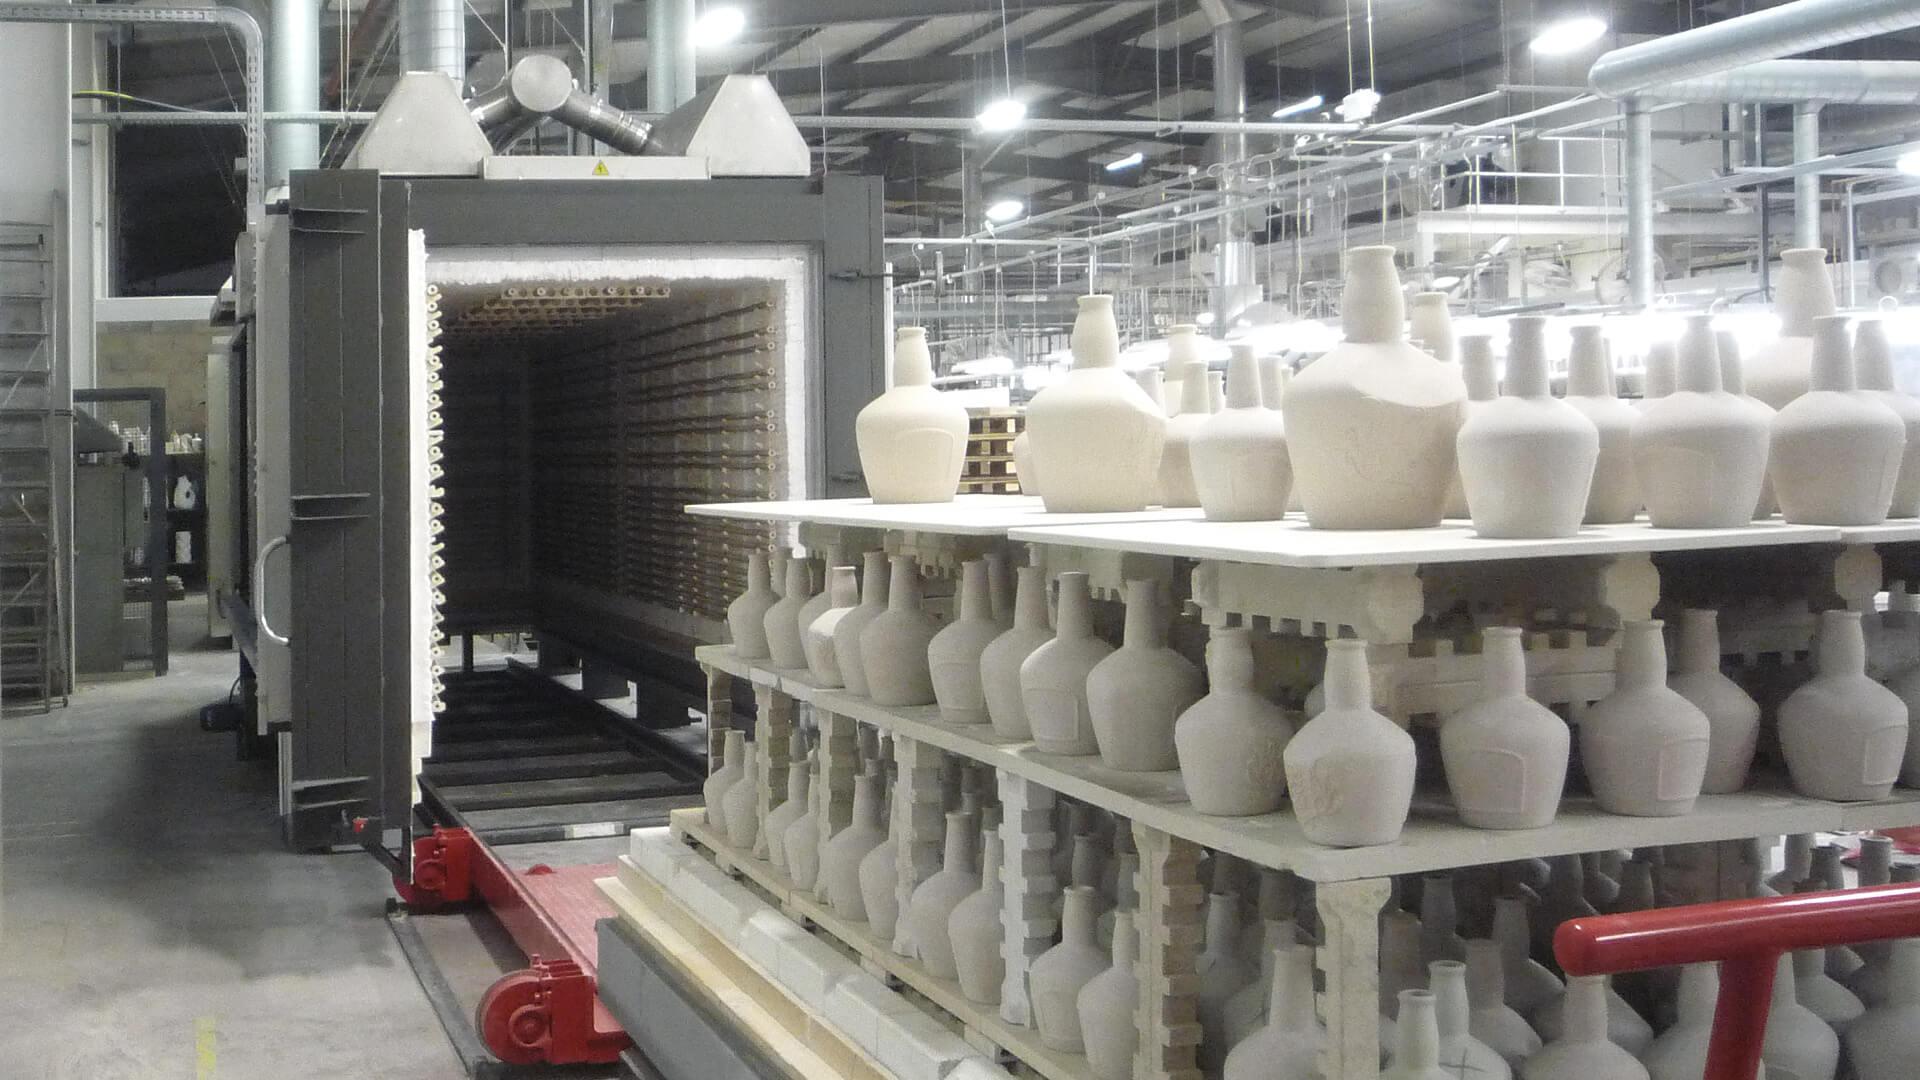 Forno industriale per Forno elettrico per stoviglieria | Pagnotta Termomeccanica